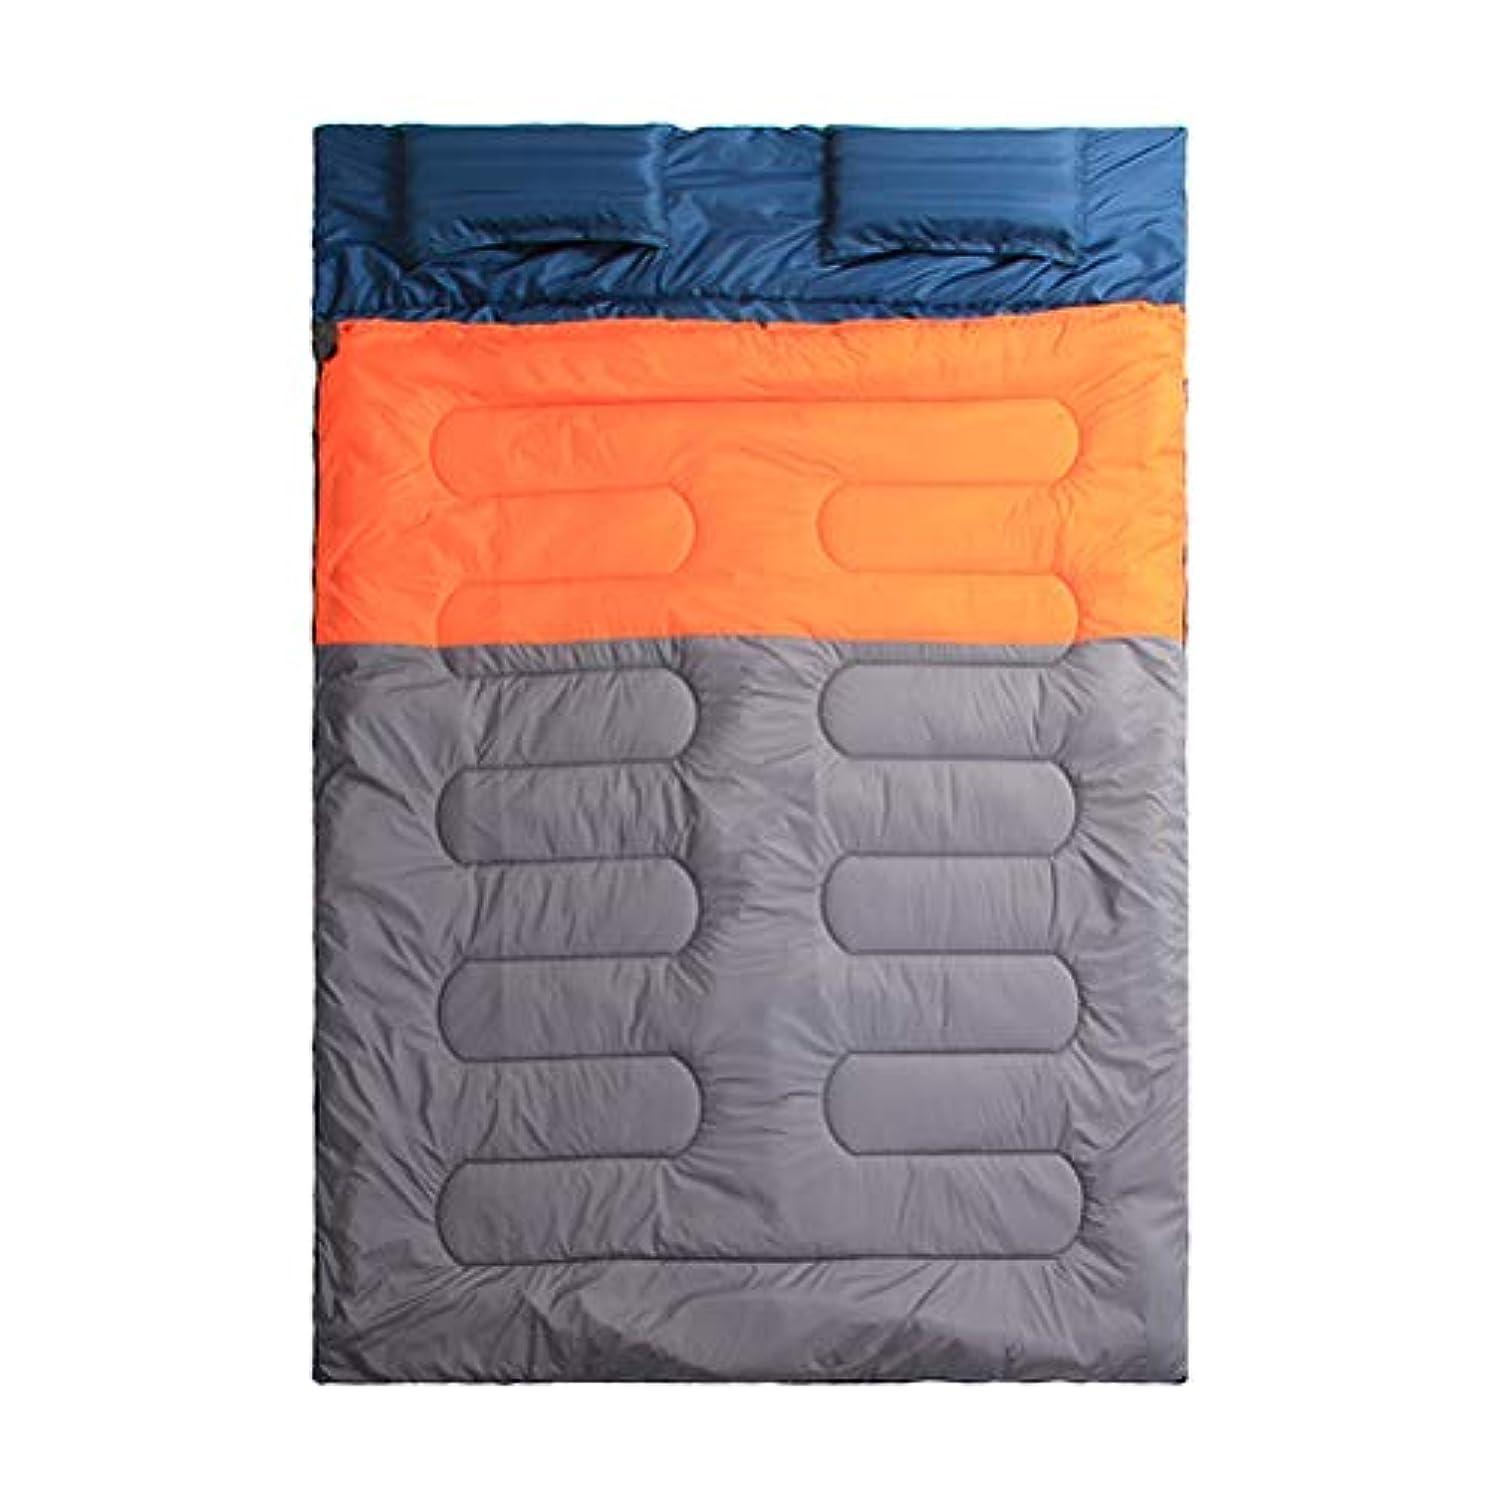 毎月忠実ウナギキャンプ、バックパッキング、ハイキング、テント、キャンピングカー用屋外用二人用寝袋、軽量コンパクト